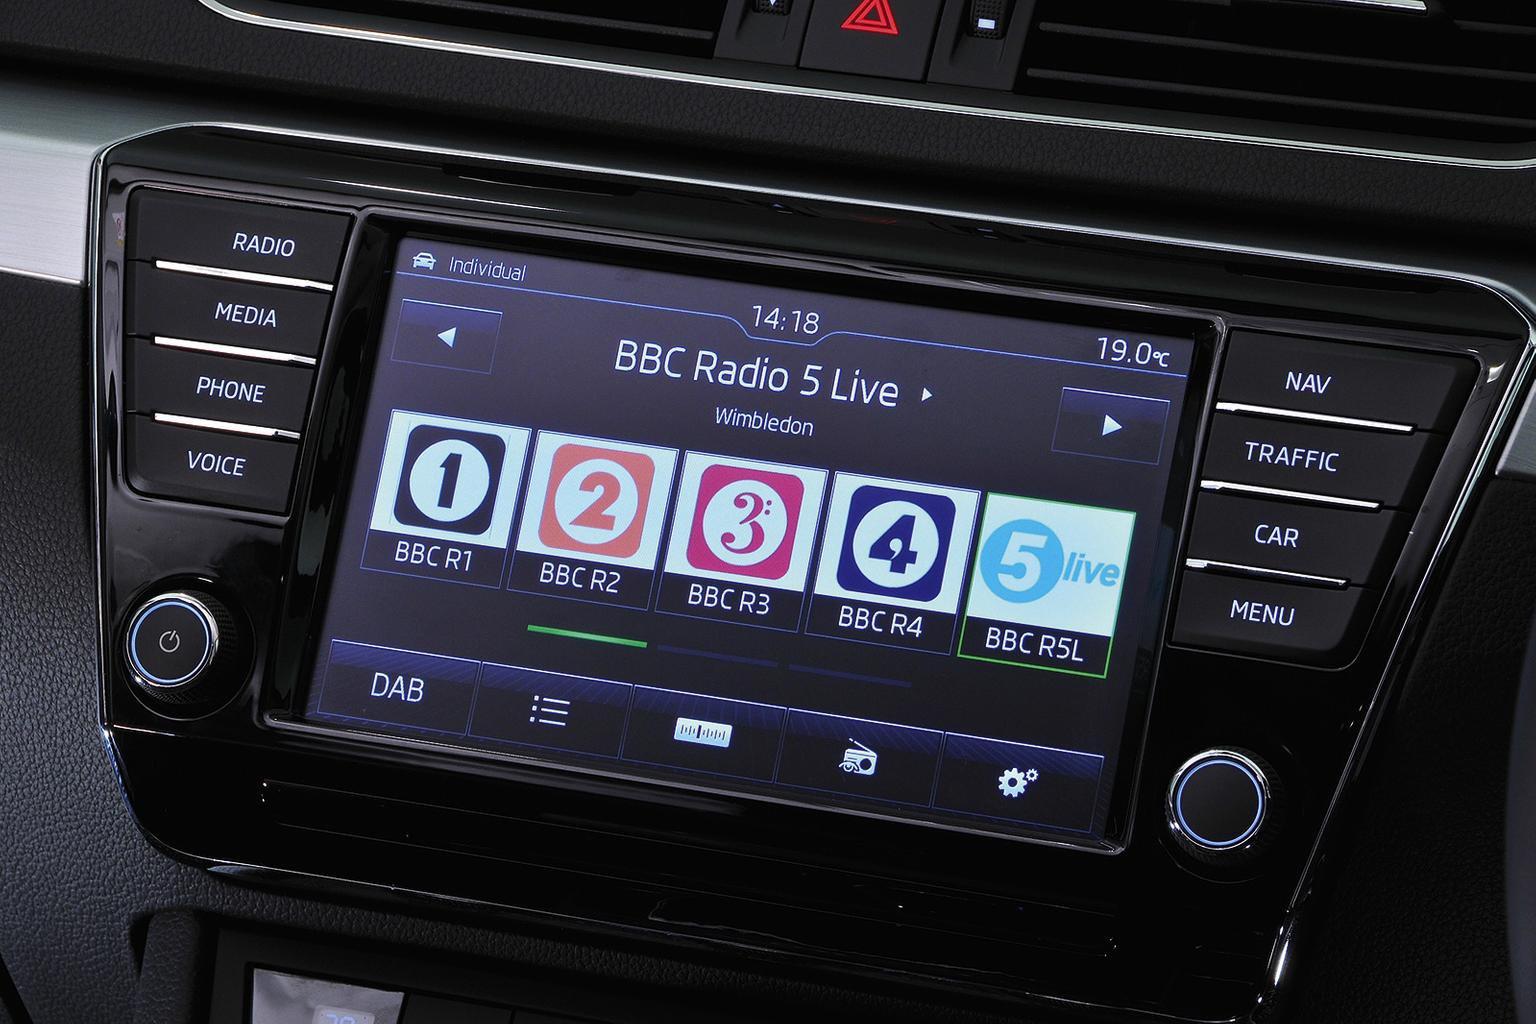 New Vauxhall Insignia Grand Sport vs Mazda 6 vs Skoda Superb